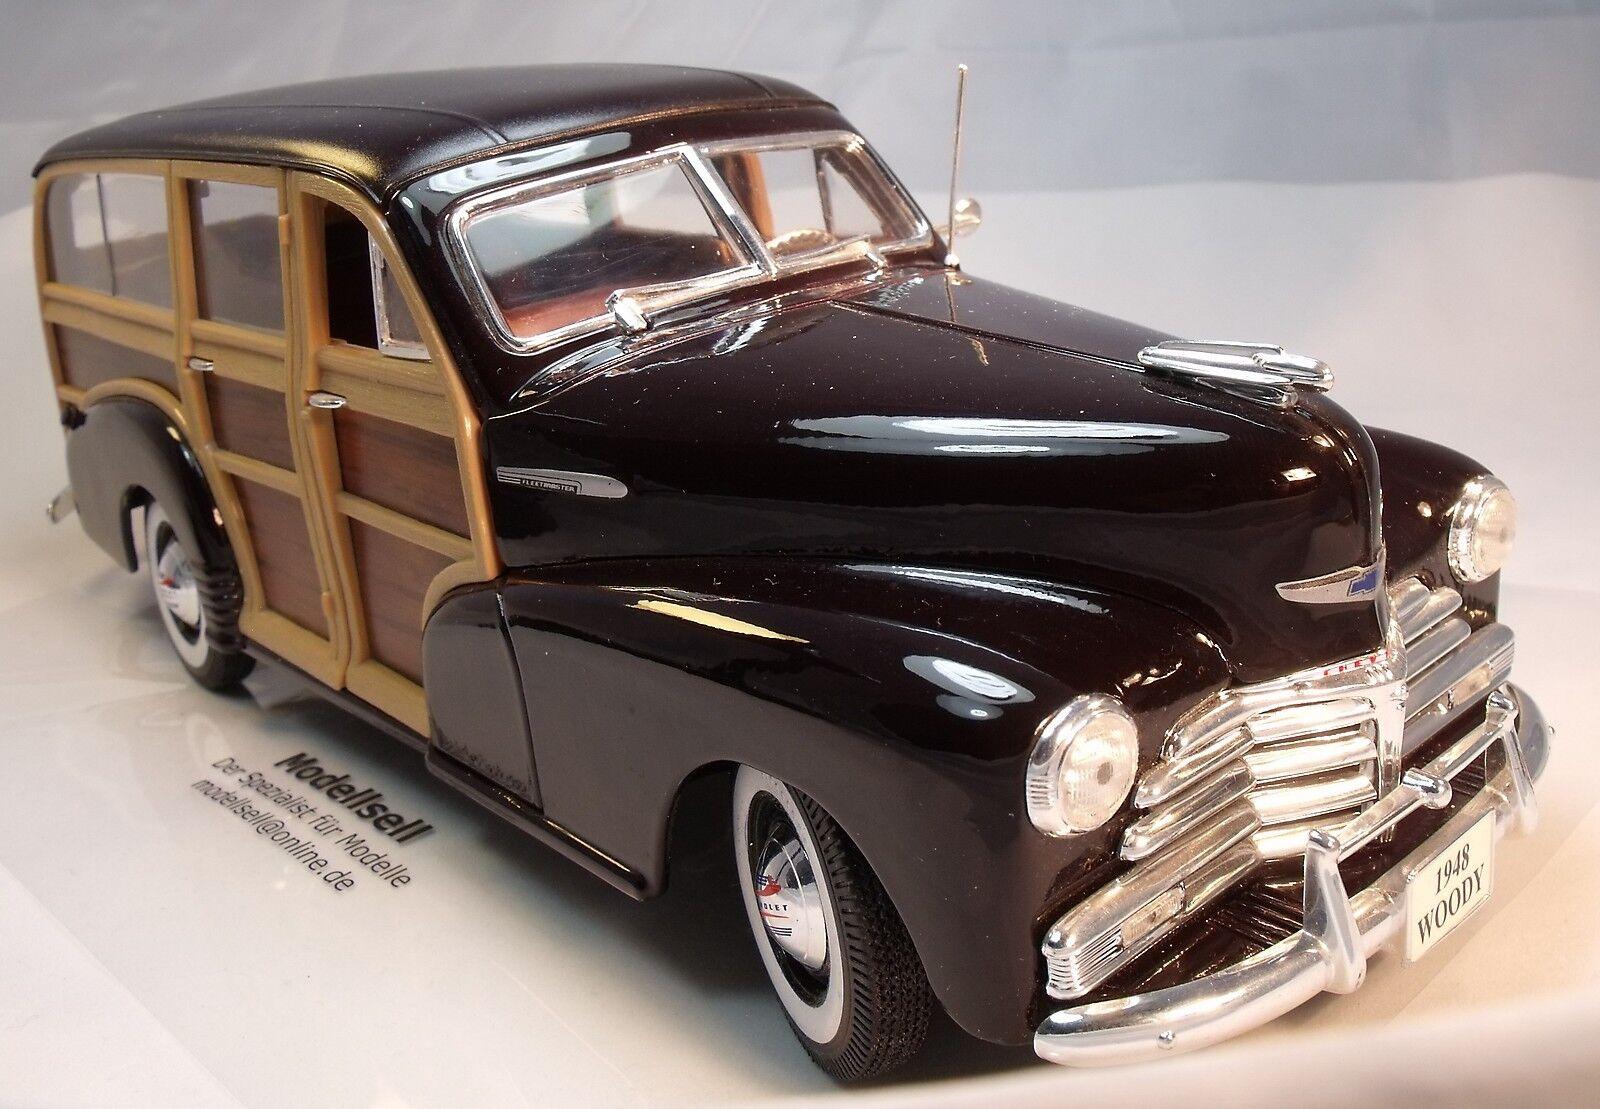 Chevy fleetmaster 1948 woody modellauto angelegt haben von maisto im ma ß sticht 18